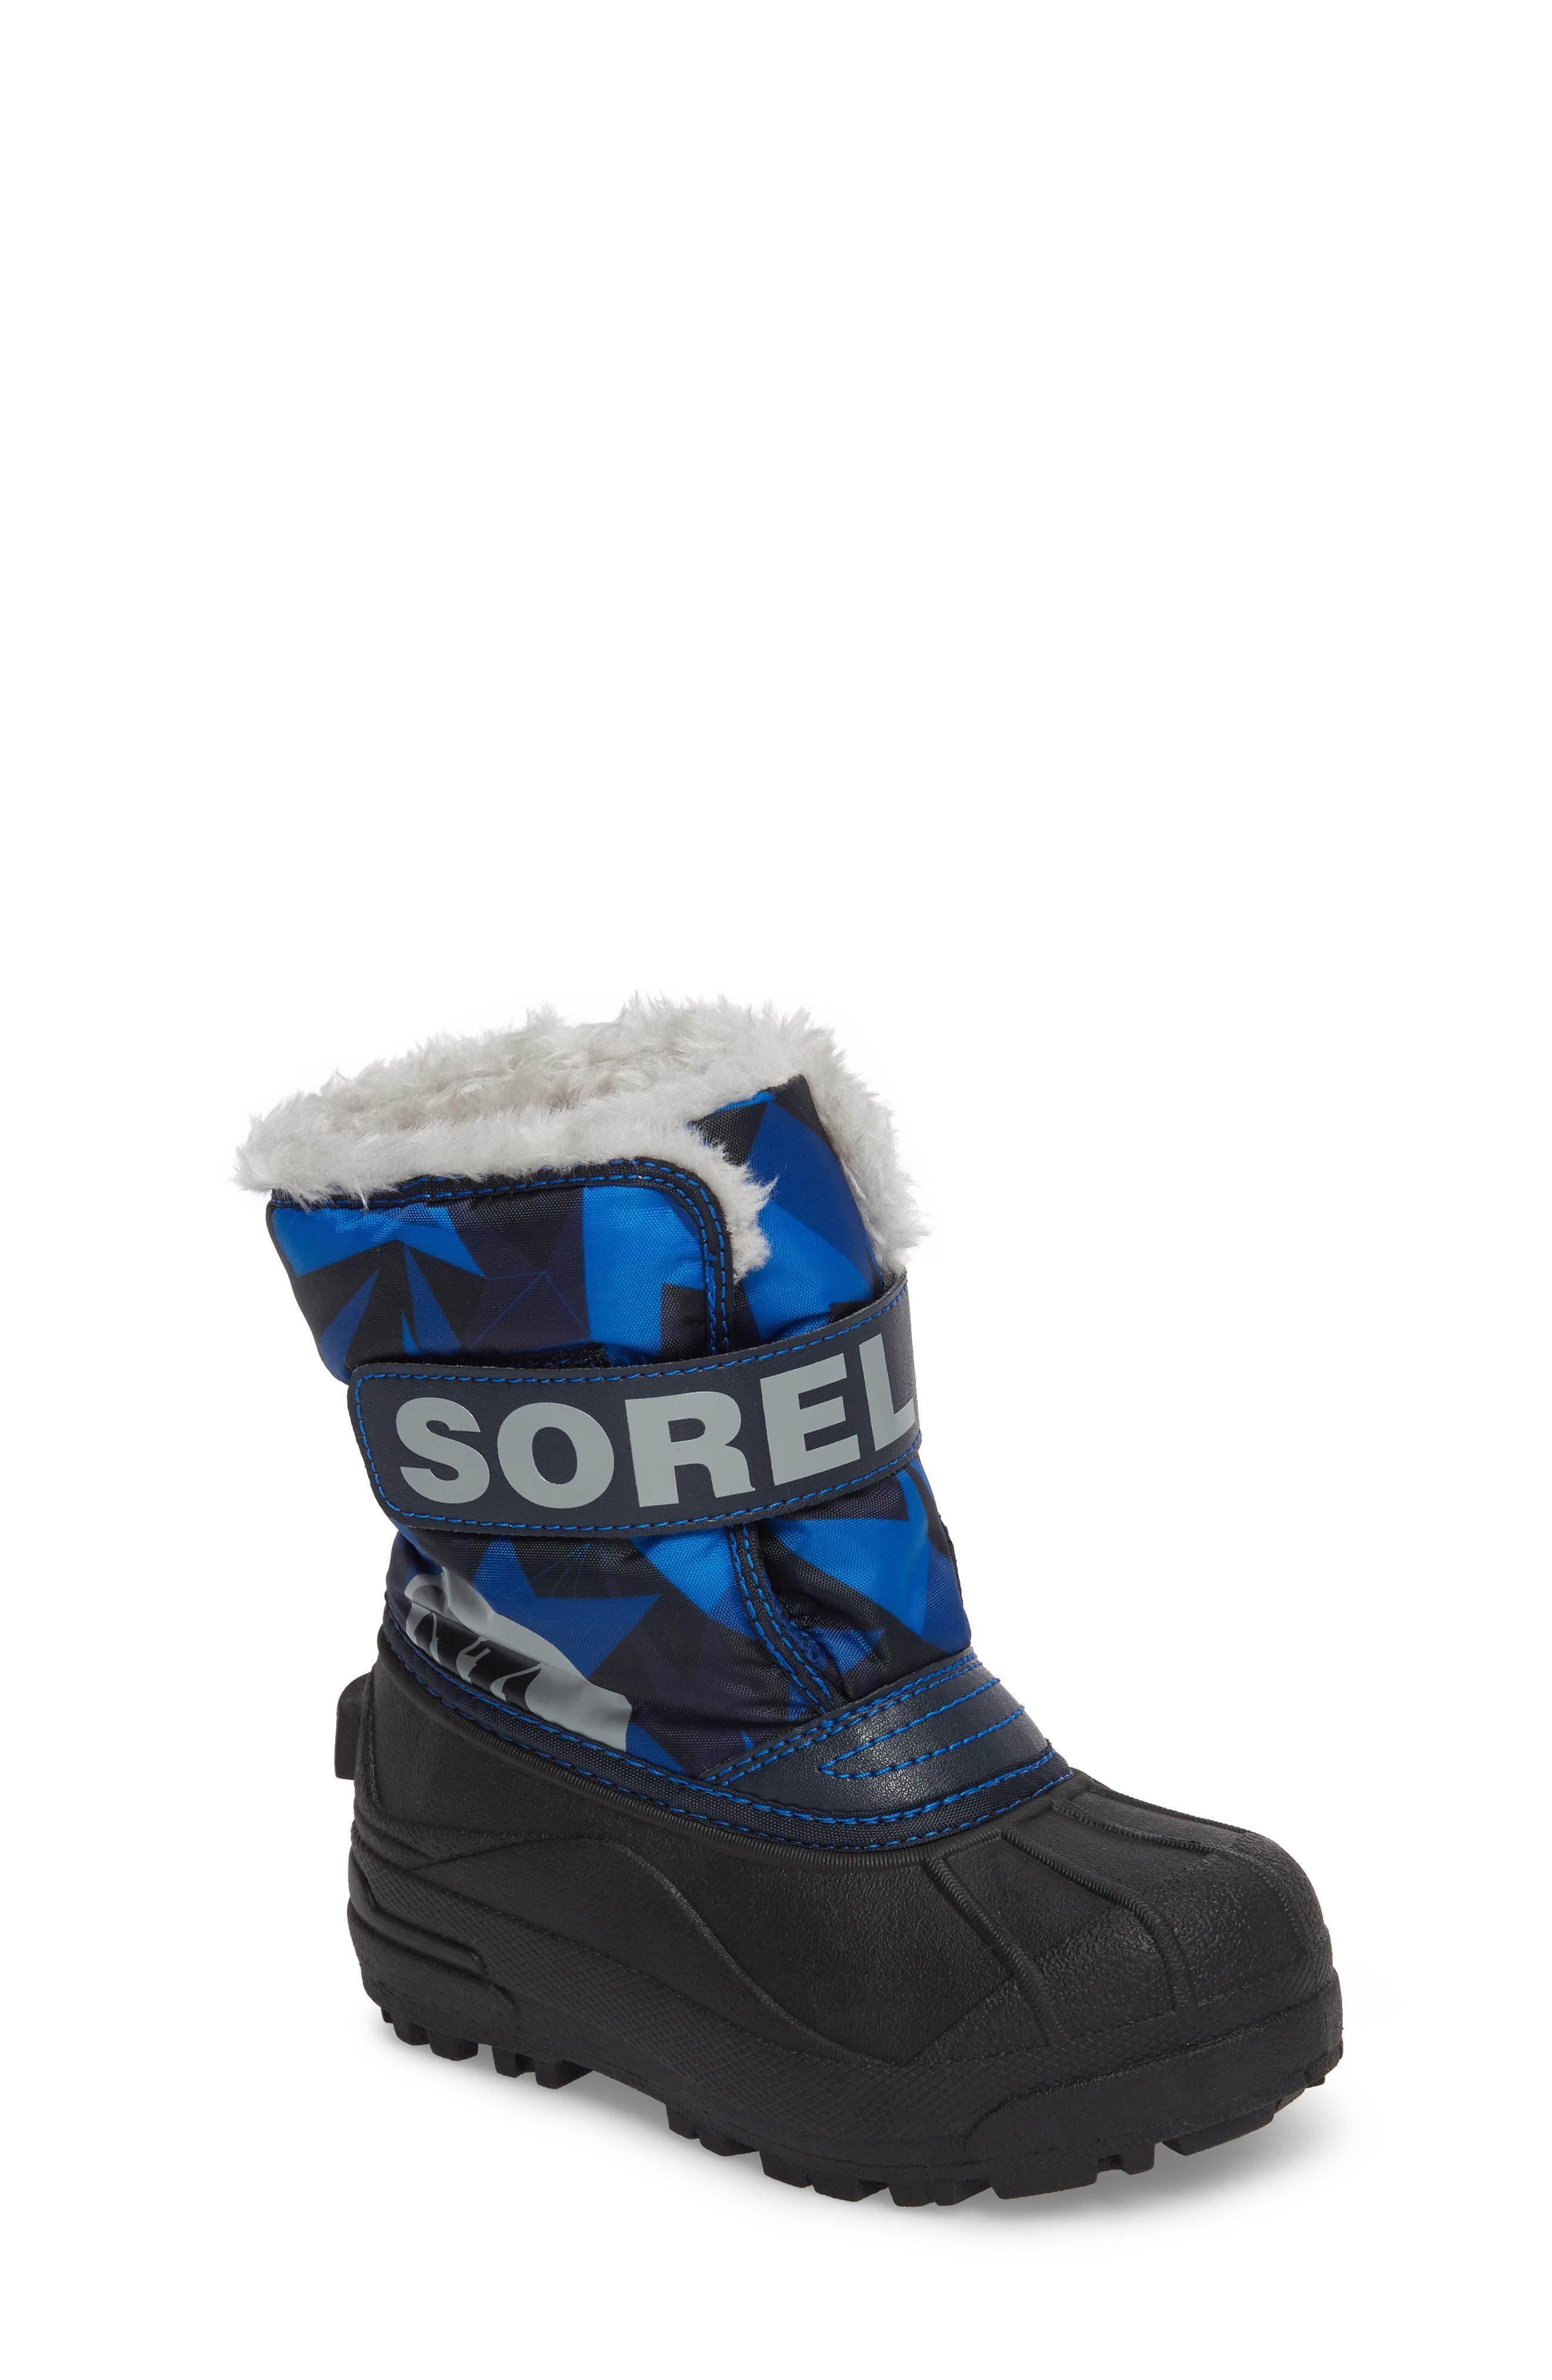 SOREL Children's Snow Commander Insulated Waterproof Boot (Baby, Walker, Toddler & Little Kid)